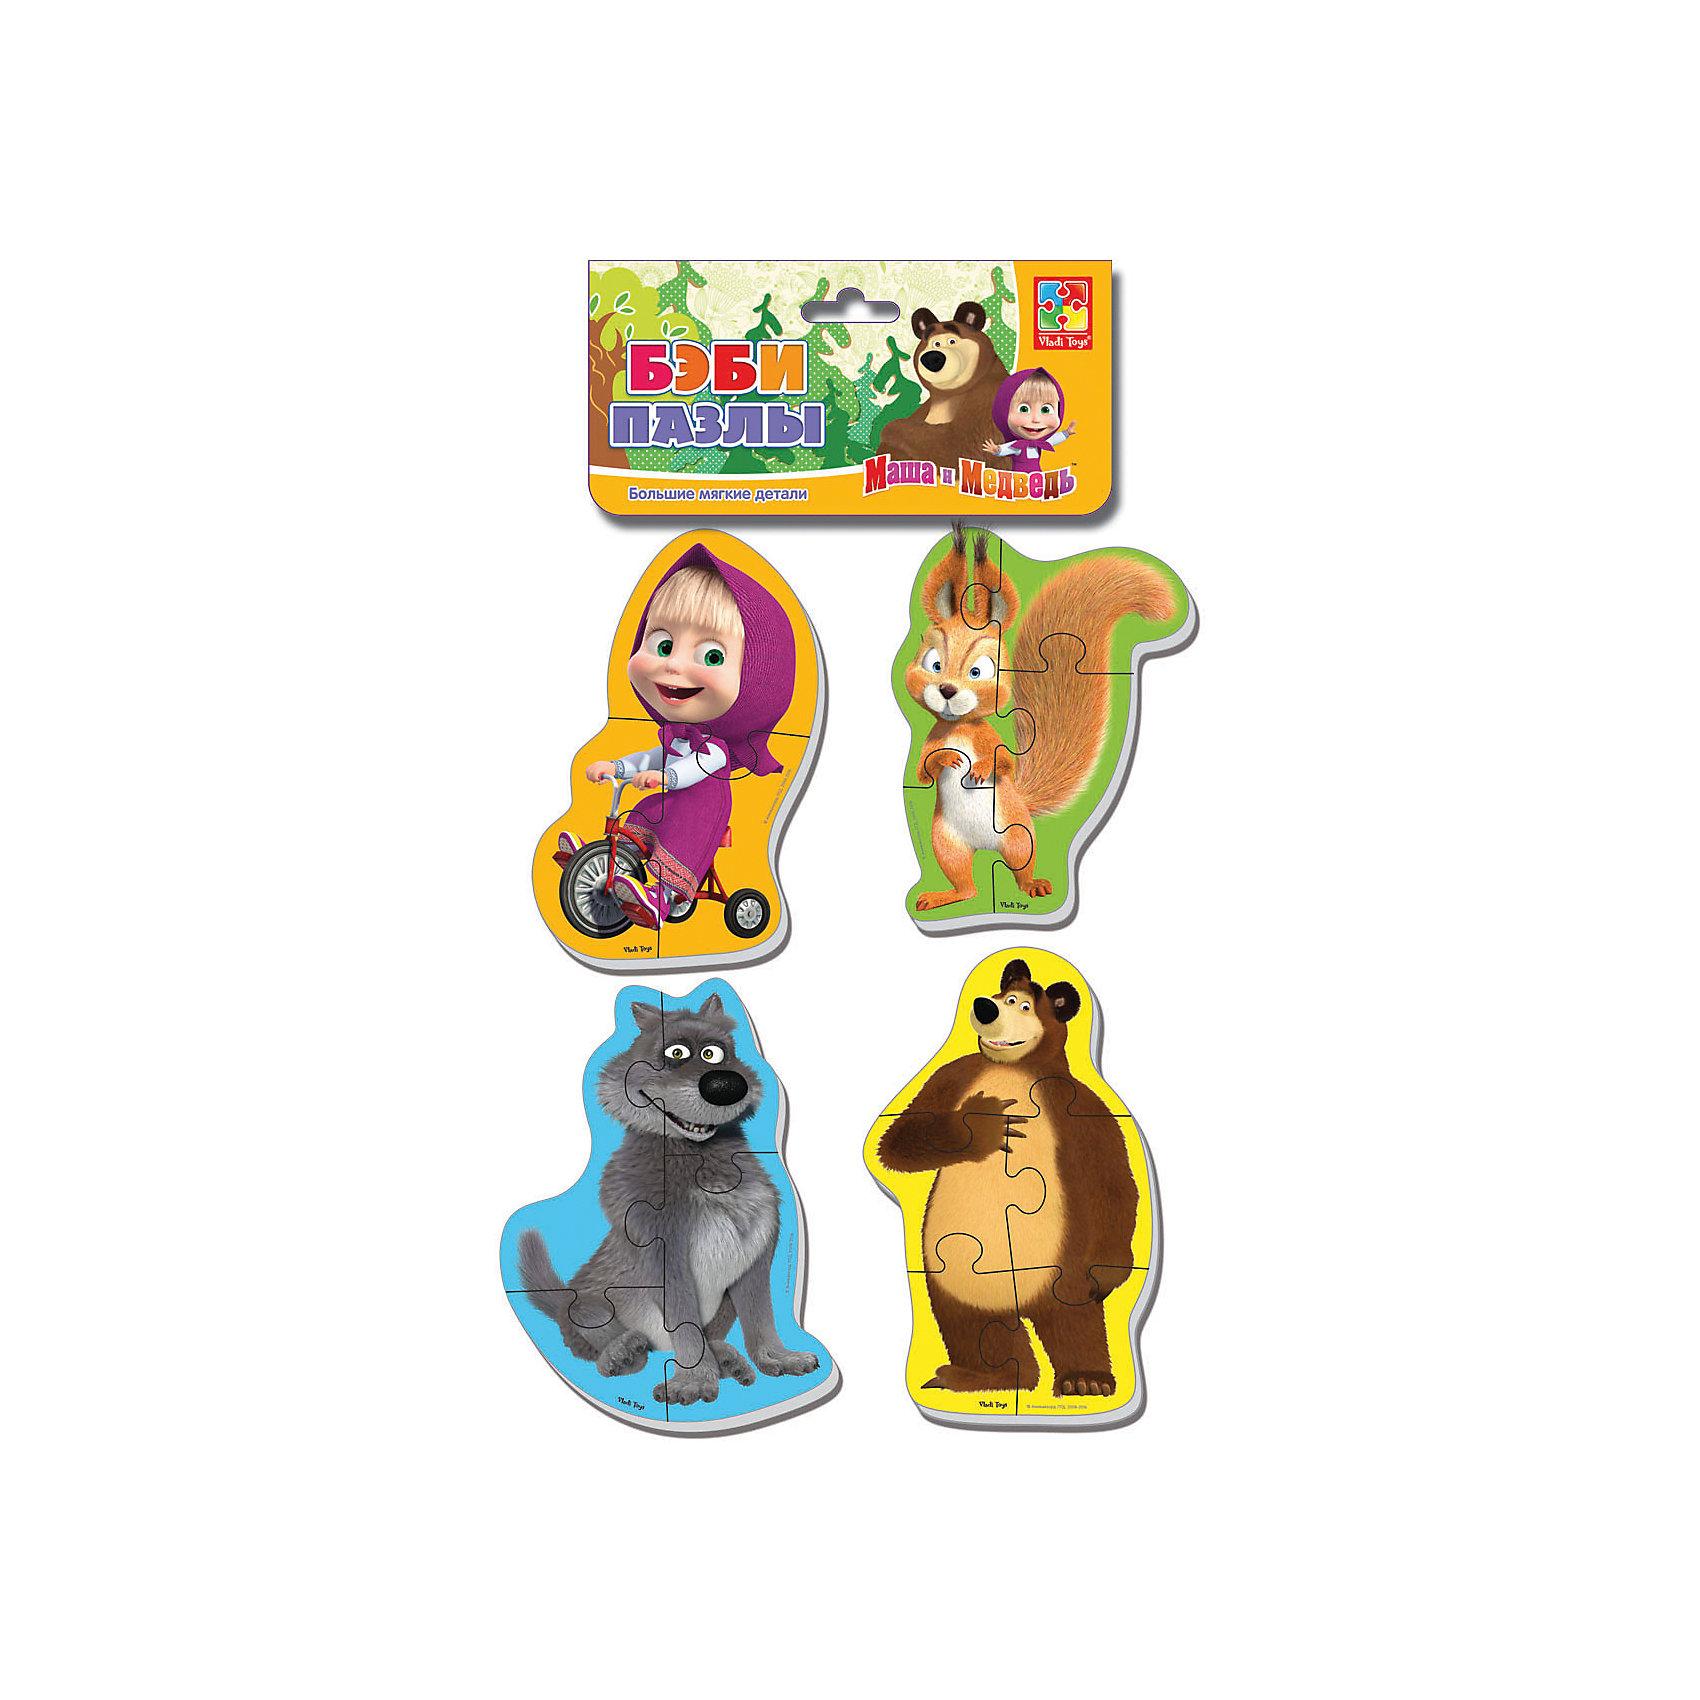 Мягкие пазлы Белка и волк, Маша и Медведь, Vladi ToysМягкие пазлы<br>Характеристики:<br><br>• Вид игр: развивающие<br>• Серия: Пазлы для самых маленьких<br>• Пол: универсальный<br>• Материал: полимер, картон<br>• Цвет: желтый, зеленый, голубой, коричневый, розовый, оранжевый и др.<br>• Комплектация: 4 пазла с изображением Маши, медведя, белки, волка <br>• Размеры (Д*Ш*В): 15,5*2*27 см<br>• Тип упаковки: полиэтиленовый пакет с хедером<br>• Вес: 34 г<br>• Общее количество элементов: 16 шт.<br><br>Мягкие пазлы Белка и волк, Маша и Медведь, Vladi Toys, производителем которых является компания, специализирующаяся на выпуске развивающих игр, давно уже стали популярными среди аналогичной продукции. Мягкие пазлы – идеальное решение для развивающих занятий с самыми маленькими детьми, так как они разделены на большие элементы с крупными изображениями, чаще всего в качестве картинок используются герои популярных мультсериалов. Самое важное в пазле для малышей – это минимум деталей и безопасность элементов. Все используемые в производстве материалы являются экологически безопасными, не вызывают аллергии, не имеют запаха. Набор Белка и волк, Маша и Медведь, Vladi Toys состоит из 16-ти элементов, из которых можно собрать четыре картинки с изображениями героев мультфильма Маша и медведь. <br>Занятия с мягкими пазлами Белка и волк, Маша и Медведь, Vladi Toys способствуют развитию не только мелкой моторики, но и внимательности, усидчивости, терпению при достижении цели. <br><br>Мягкие пазлы Белка и волк, Маша и Медведь, Vladi Toys можно купить в нашем интернет-магазине.<br><br>Ширина мм: 155<br>Глубина мм: 20<br>Высота мм: 270<br>Вес г: 34<br>Возраст от месяцев: 24<br>Возраст до месяцев: 60<br>Пол: Унисекс<br>Возраст: Детский<br>SKU: 5136064